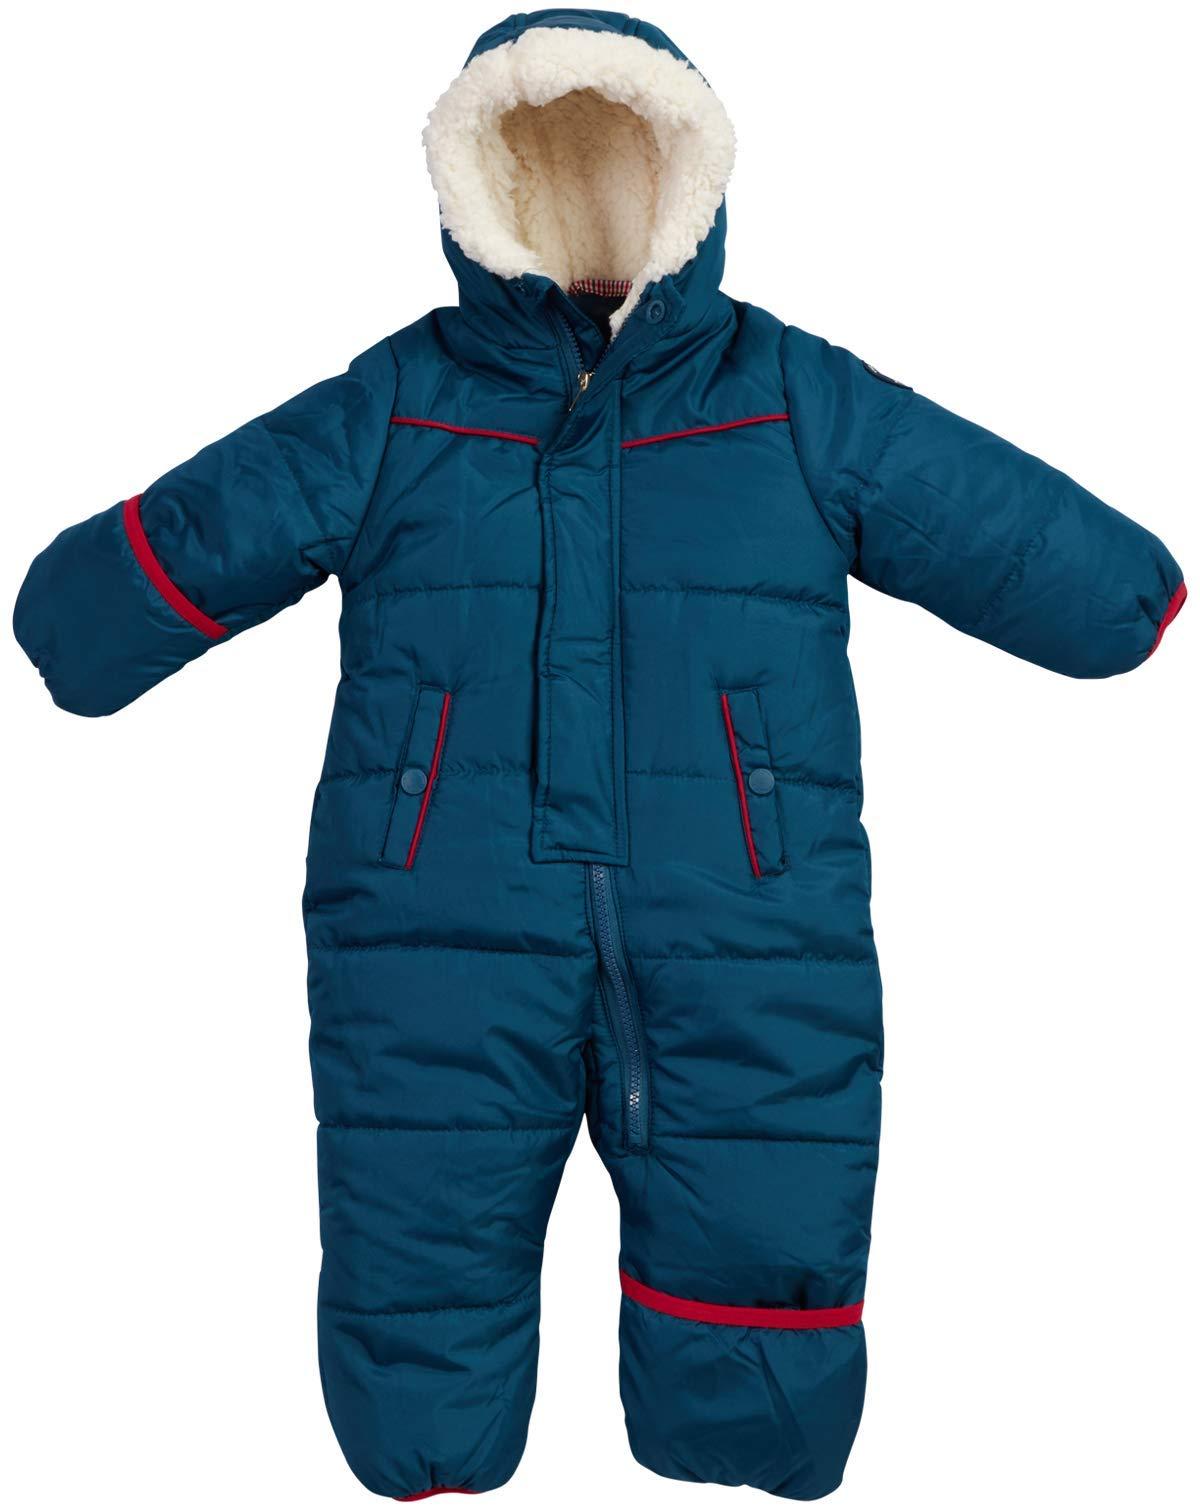 Ben Sherman Baby Boys Bubble Snowsuit Pram with Sherpa Hood, Sailor Blue, Size 12 Months' by Ben Sherman